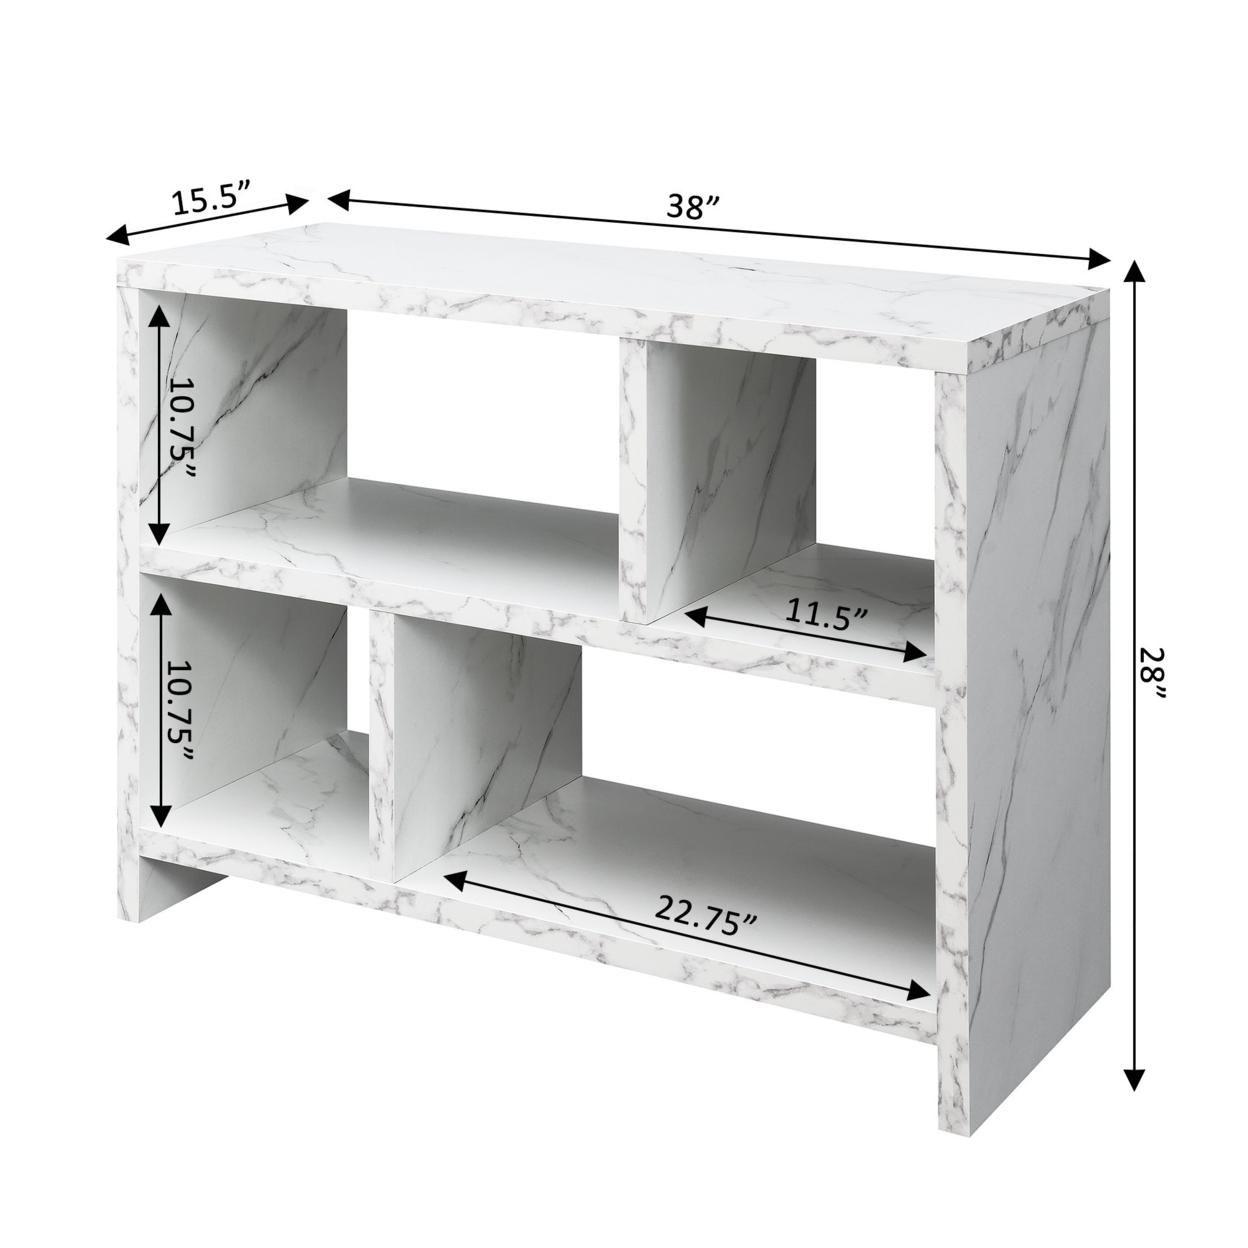 Northfield Console 3 Tier Bookcase, White